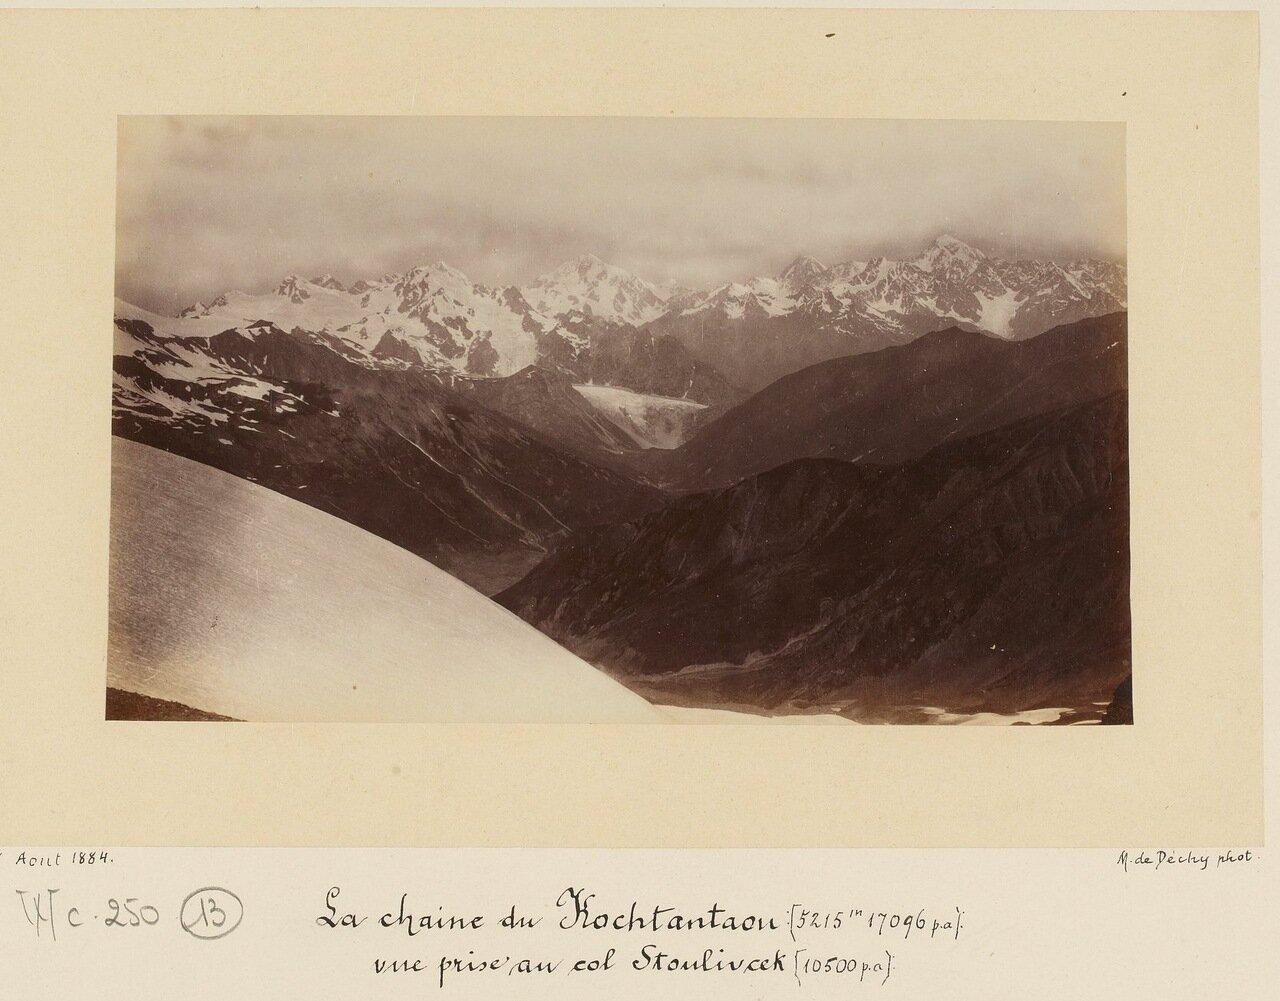 Боковой хребет с горой Коштантау (5215 м).  При восхождении на Коштан-тау 17 августа 1888 г. погибли английские альпинисты Донкин и Фокс и два швейцарца-проводника